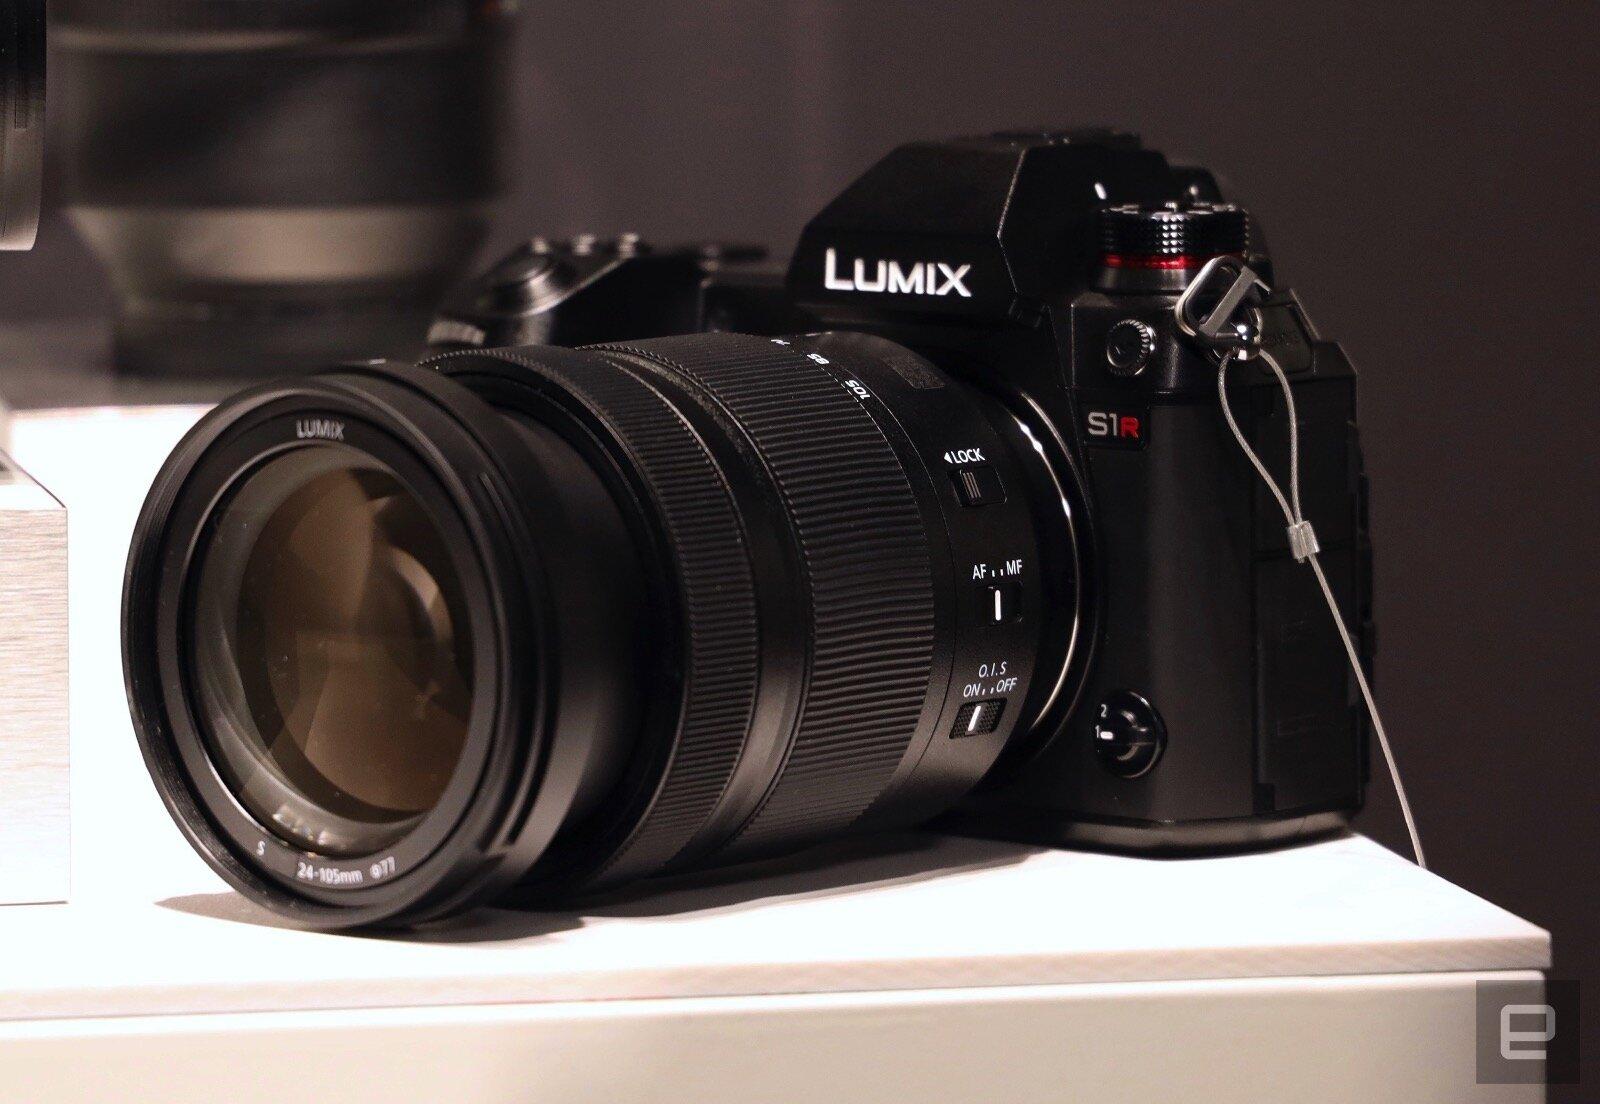 Máy ảnh quay phim nhỏ gọn với cả 2 chức năng